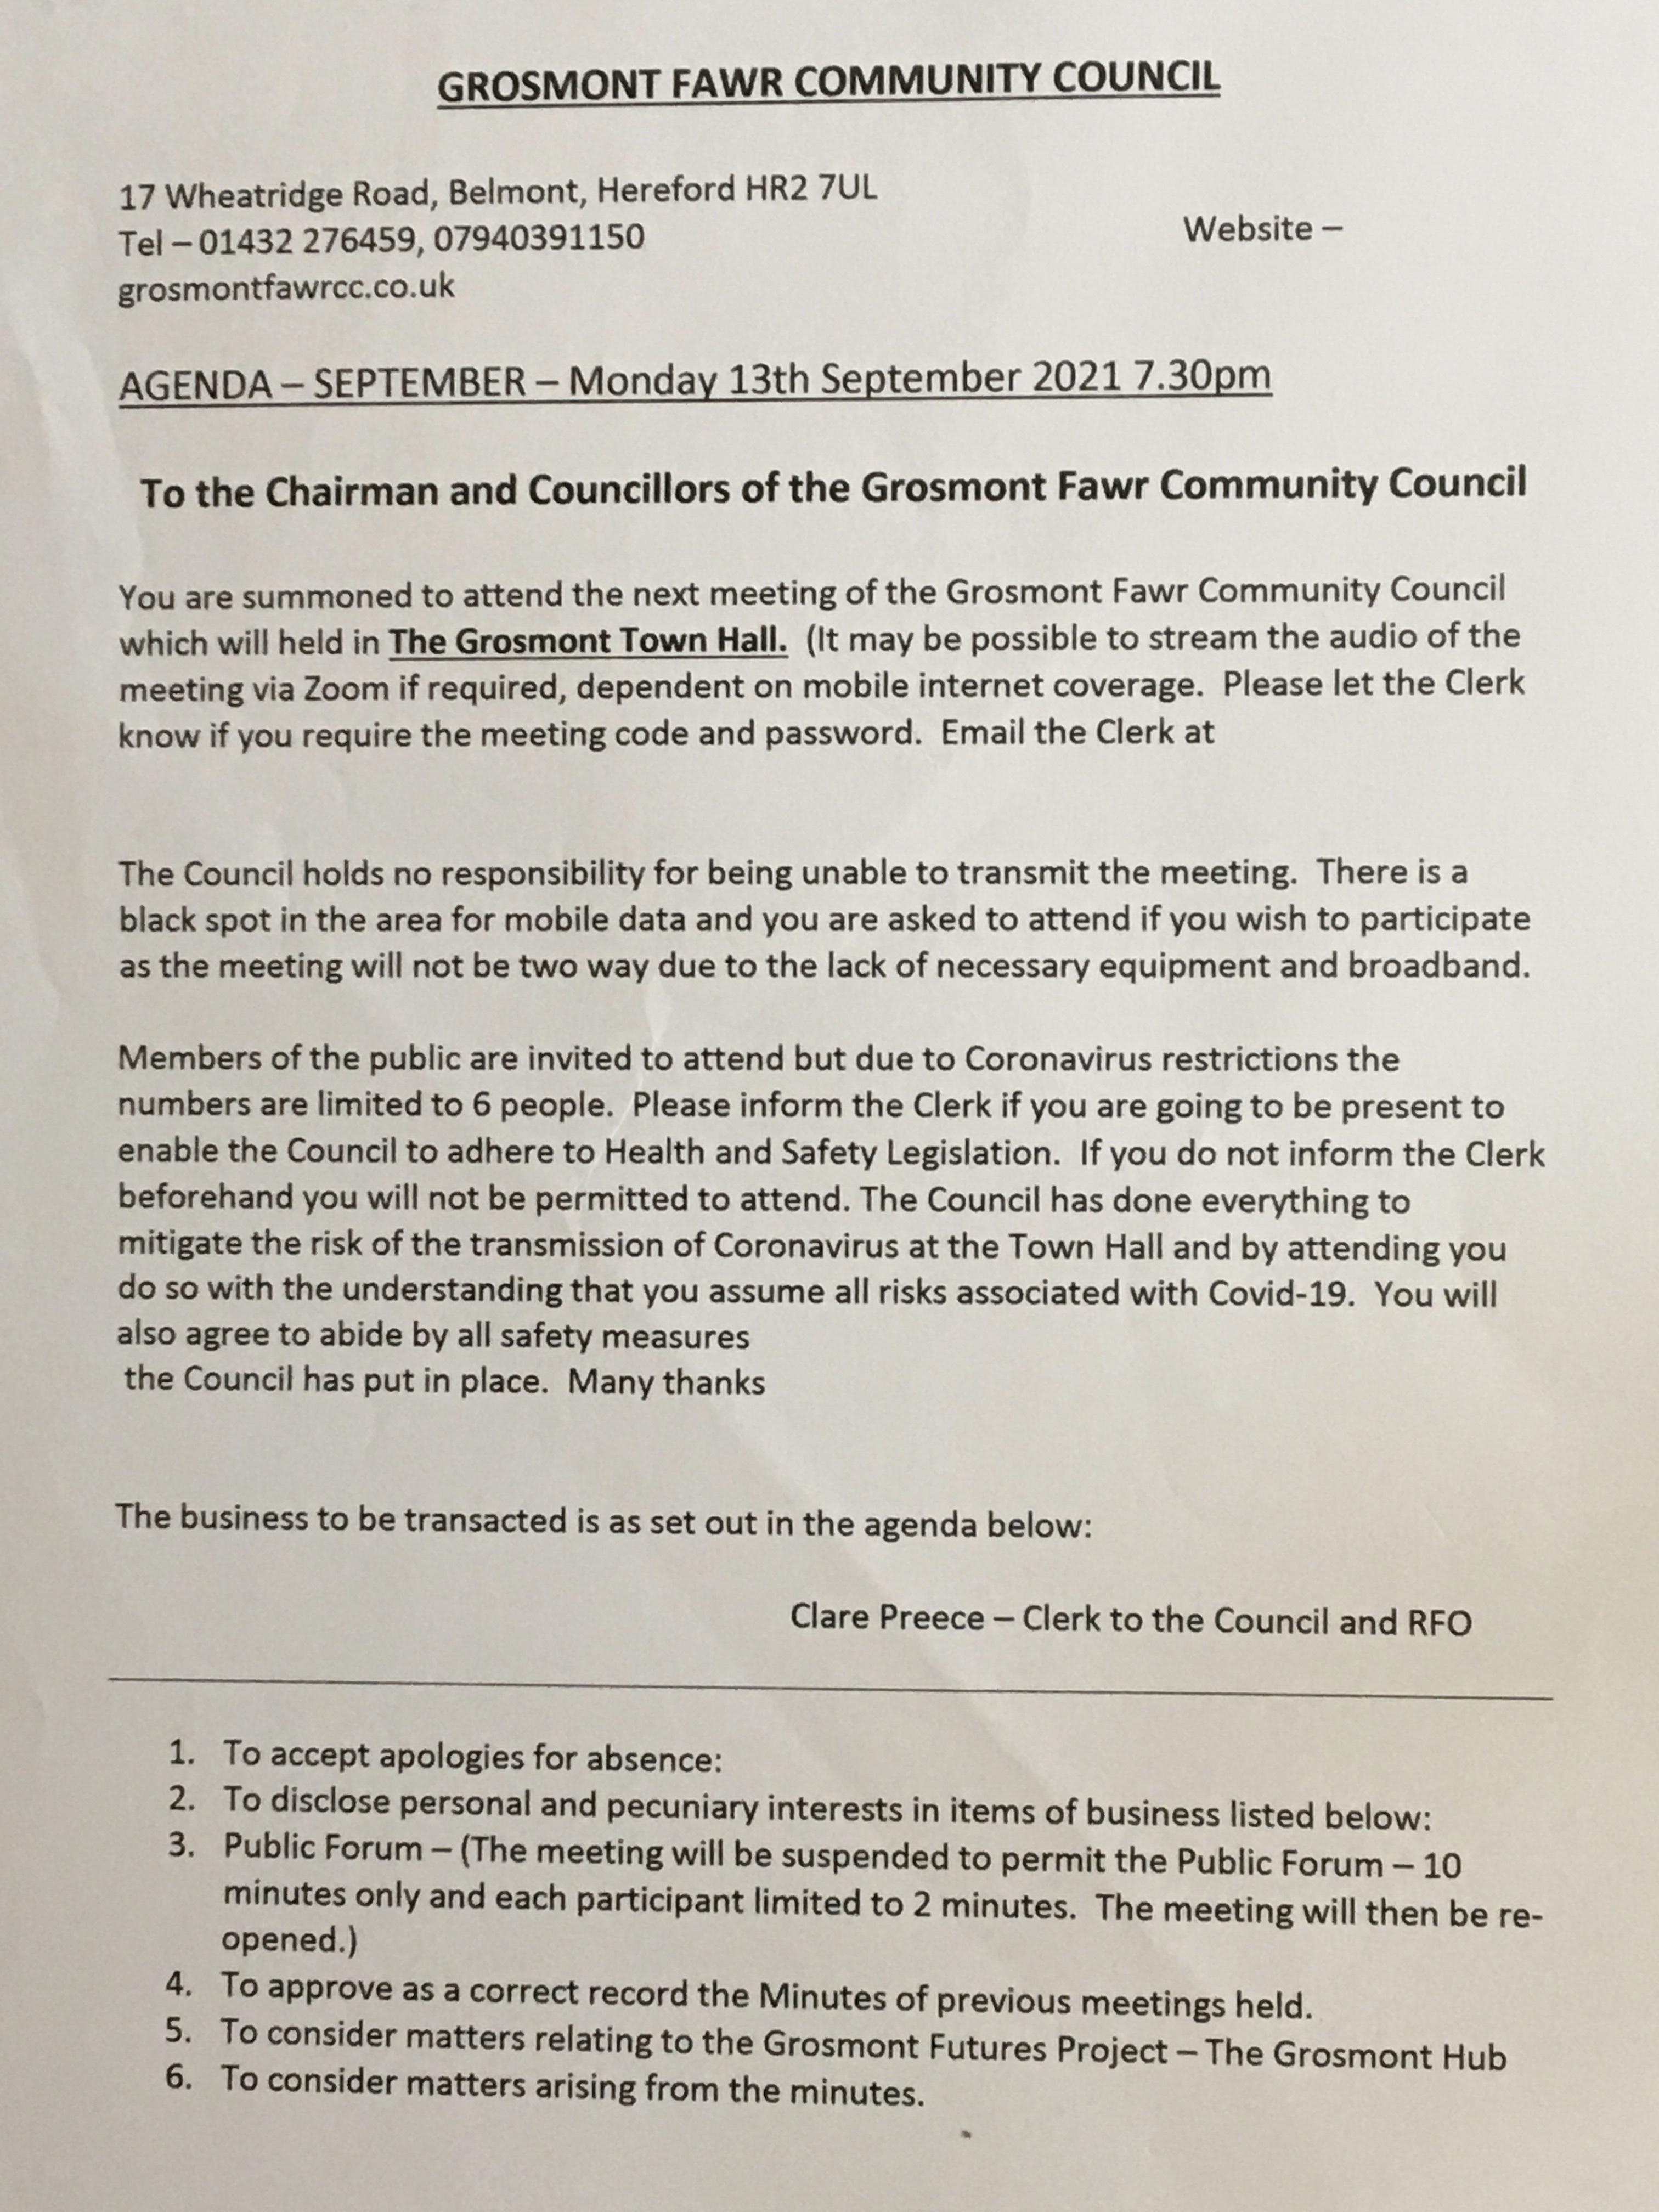 Agenda 13 September